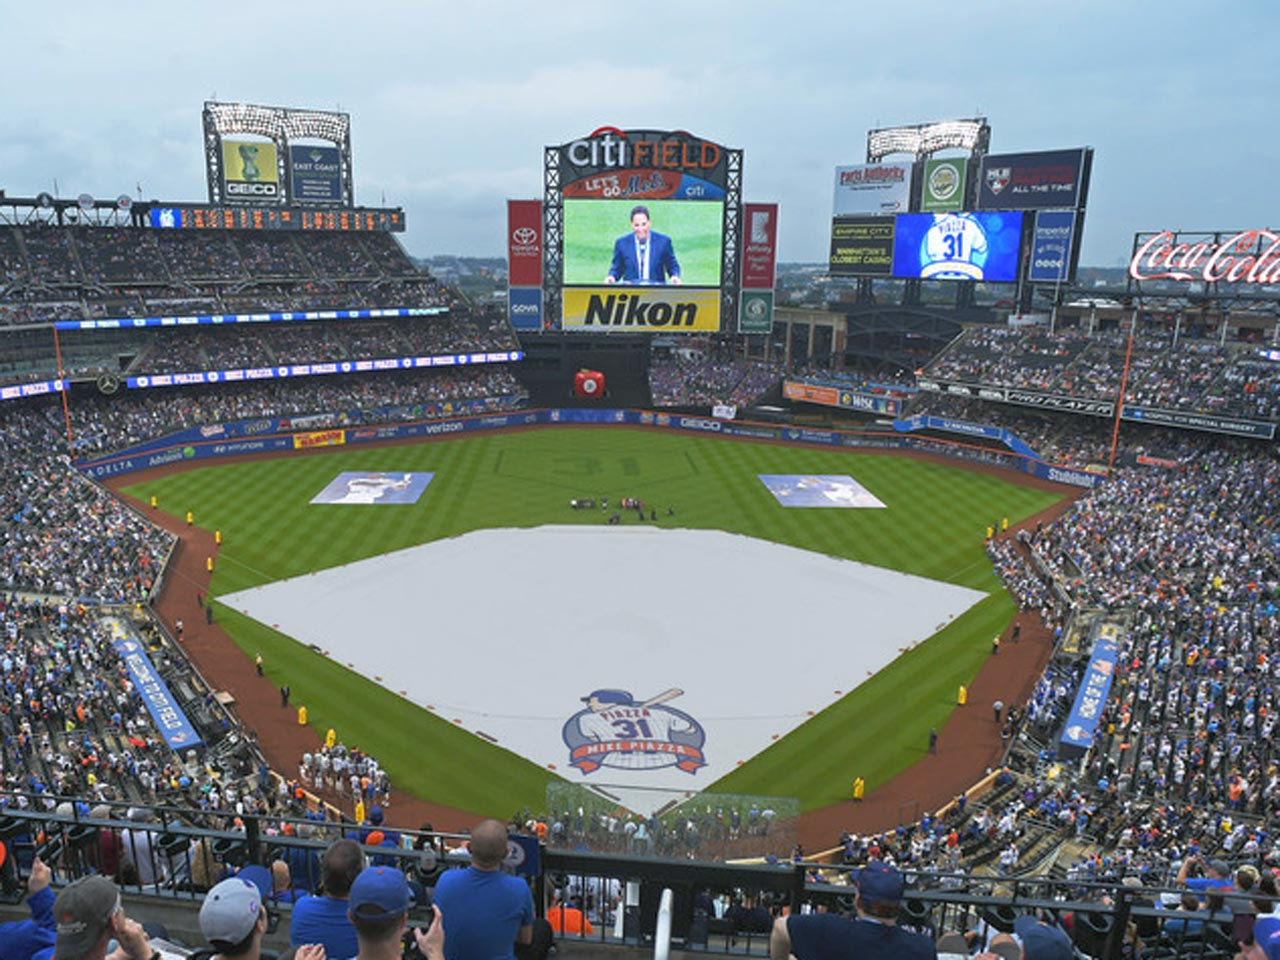 NY Mets baseball